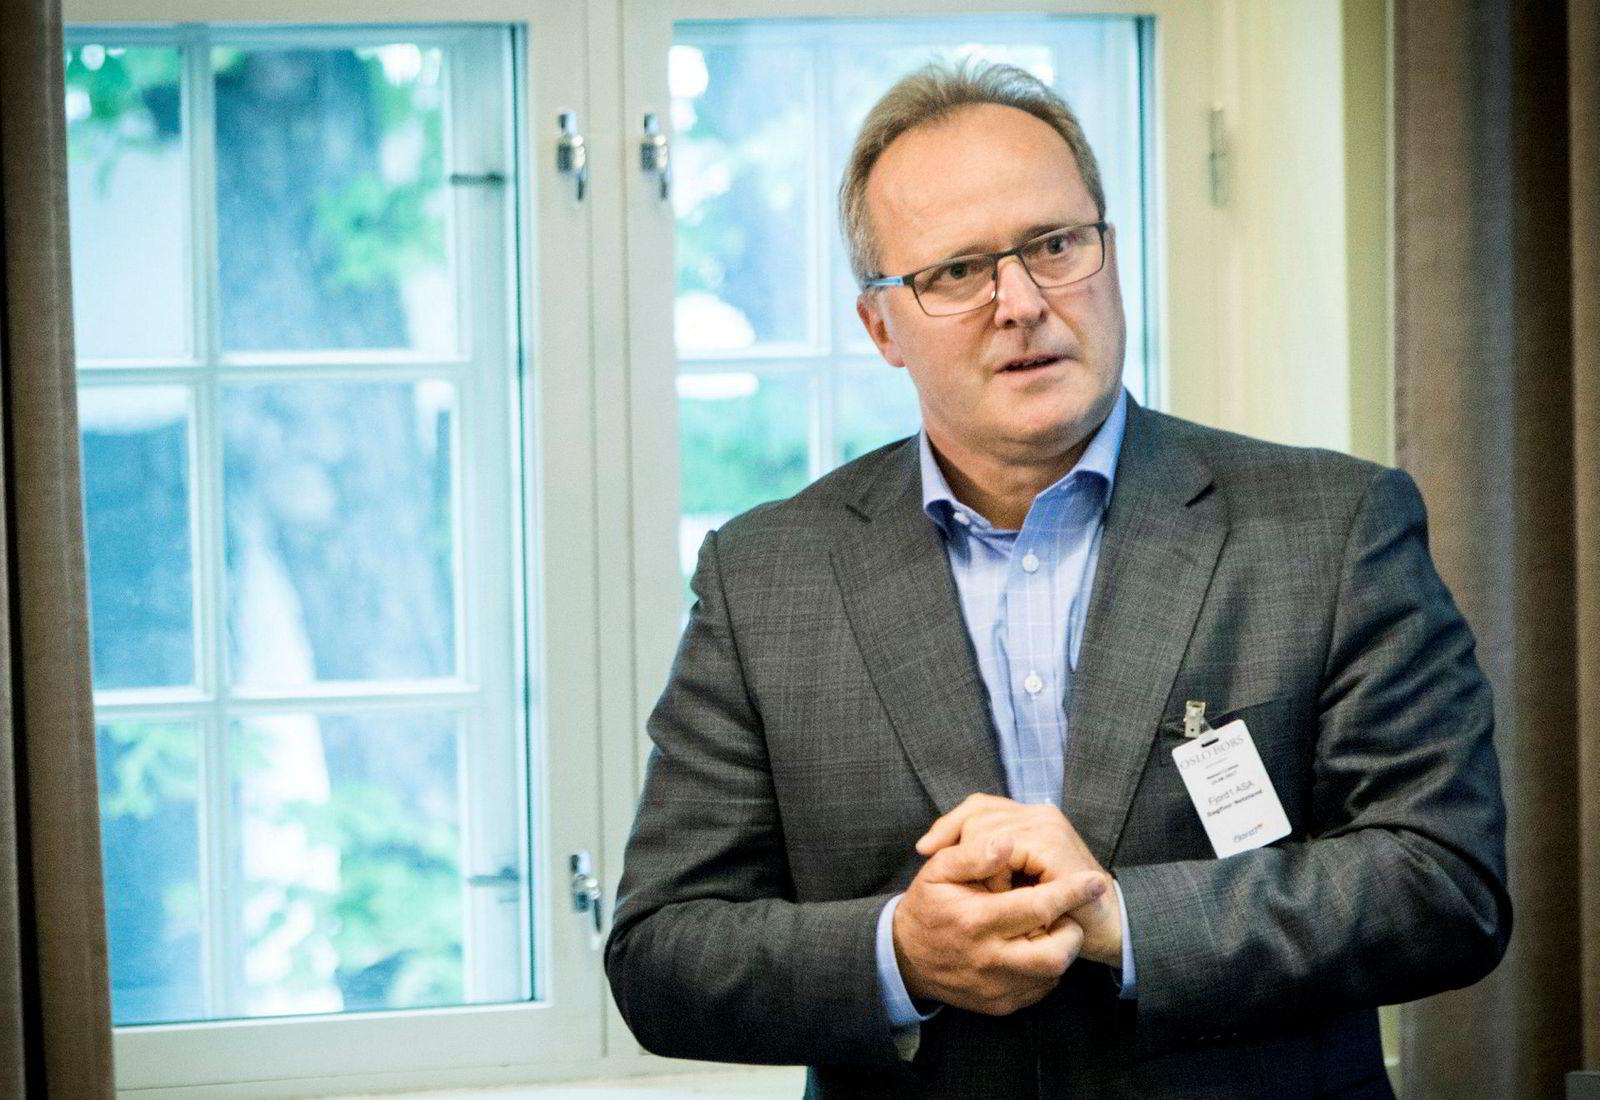 Administrerende direktør Dagfinn Neteland i Fjord1 etter børsnoteringen av selskapet.